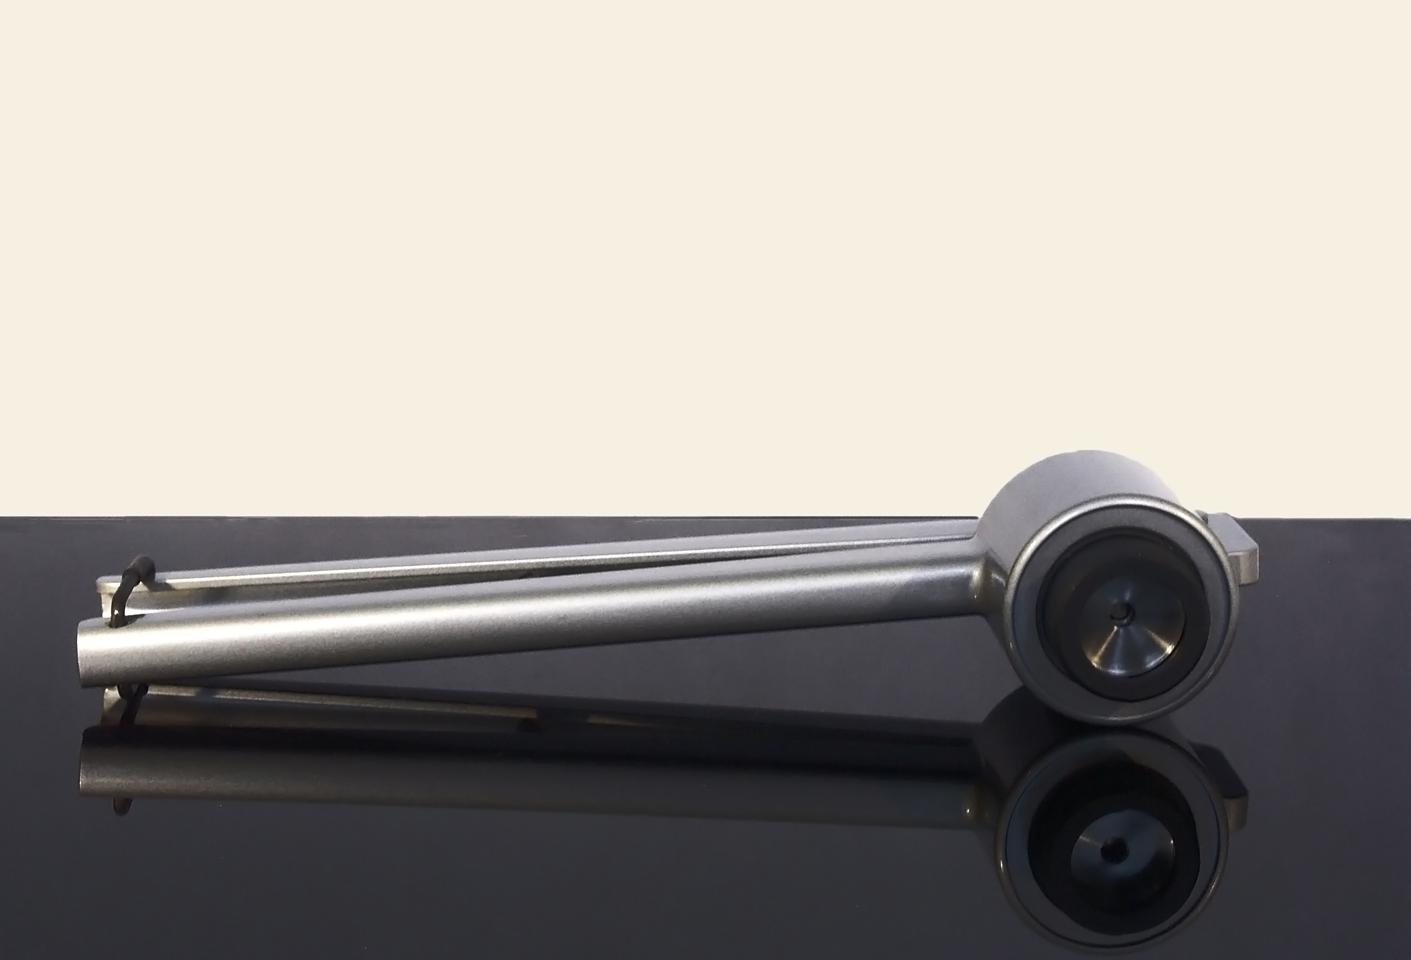 Kleště pro zavírání lékovek průměr  8 mm KZ 8